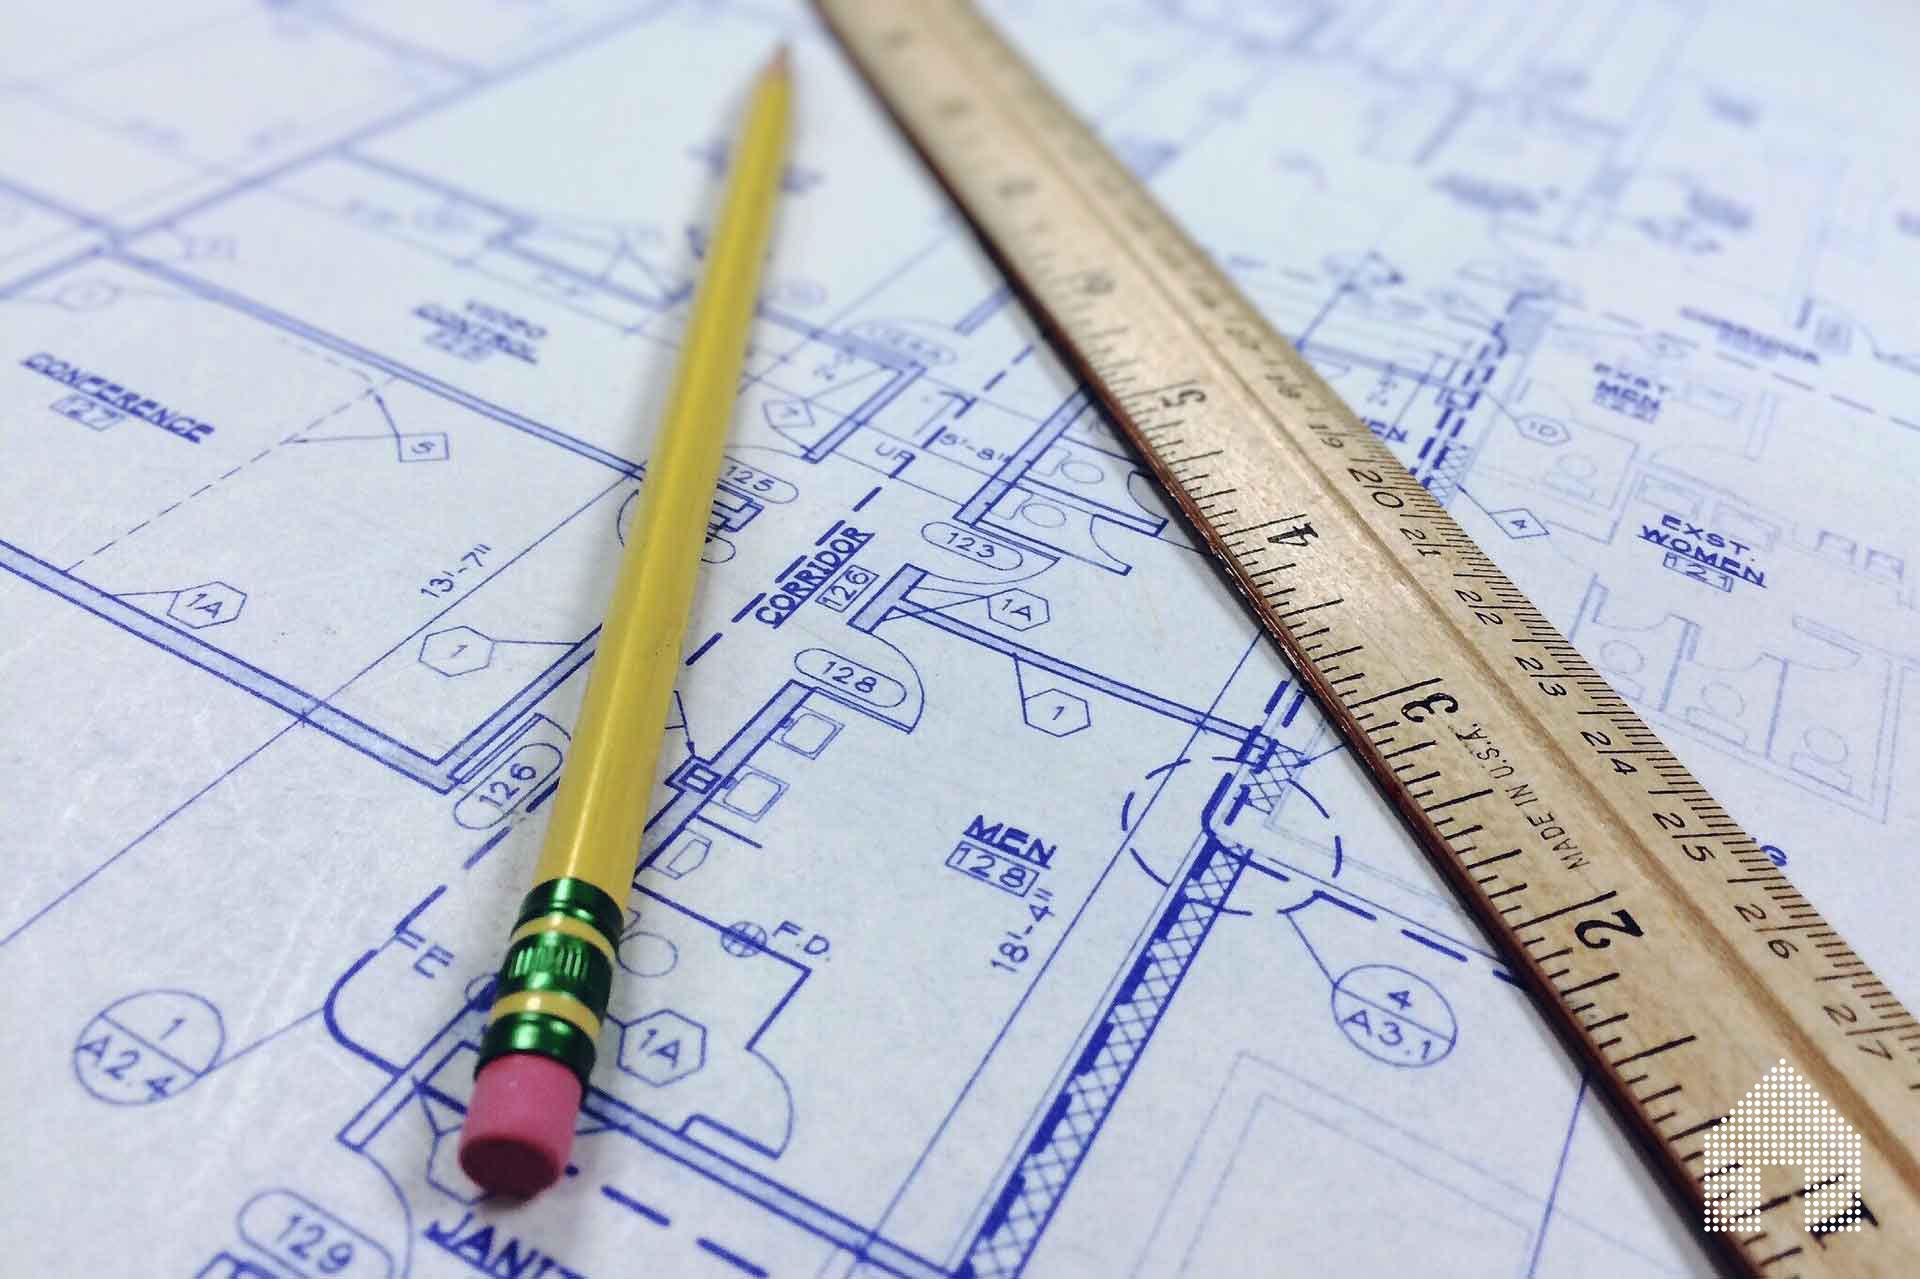 alle nybyggede huse skal have foretaget en energiberegning